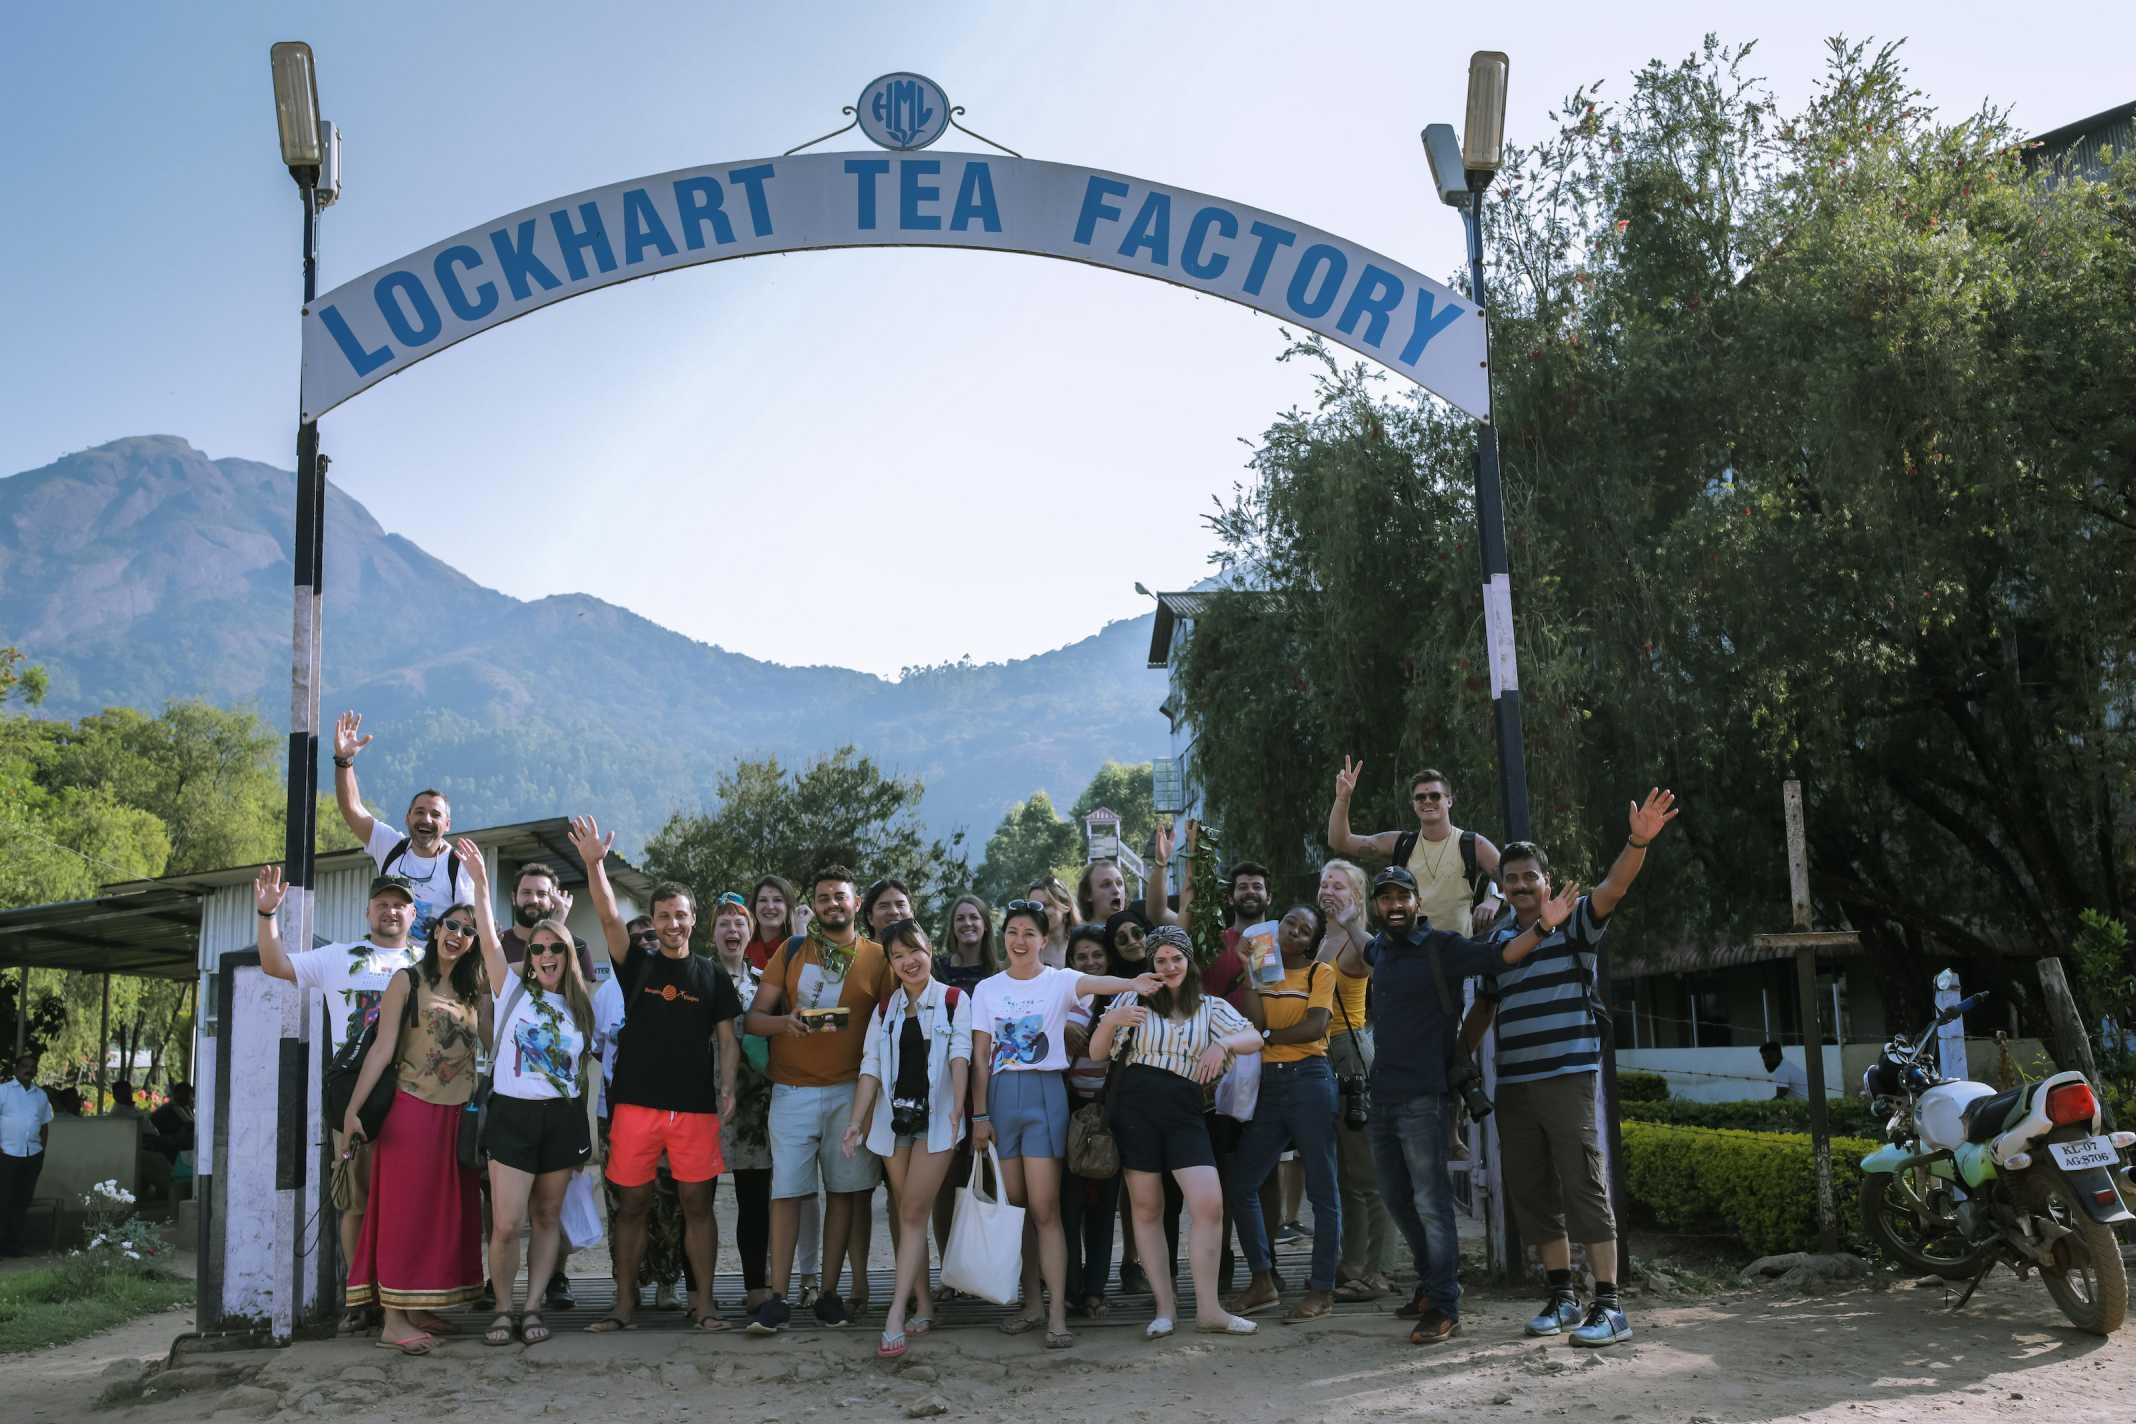 Lockhart Tea Museum